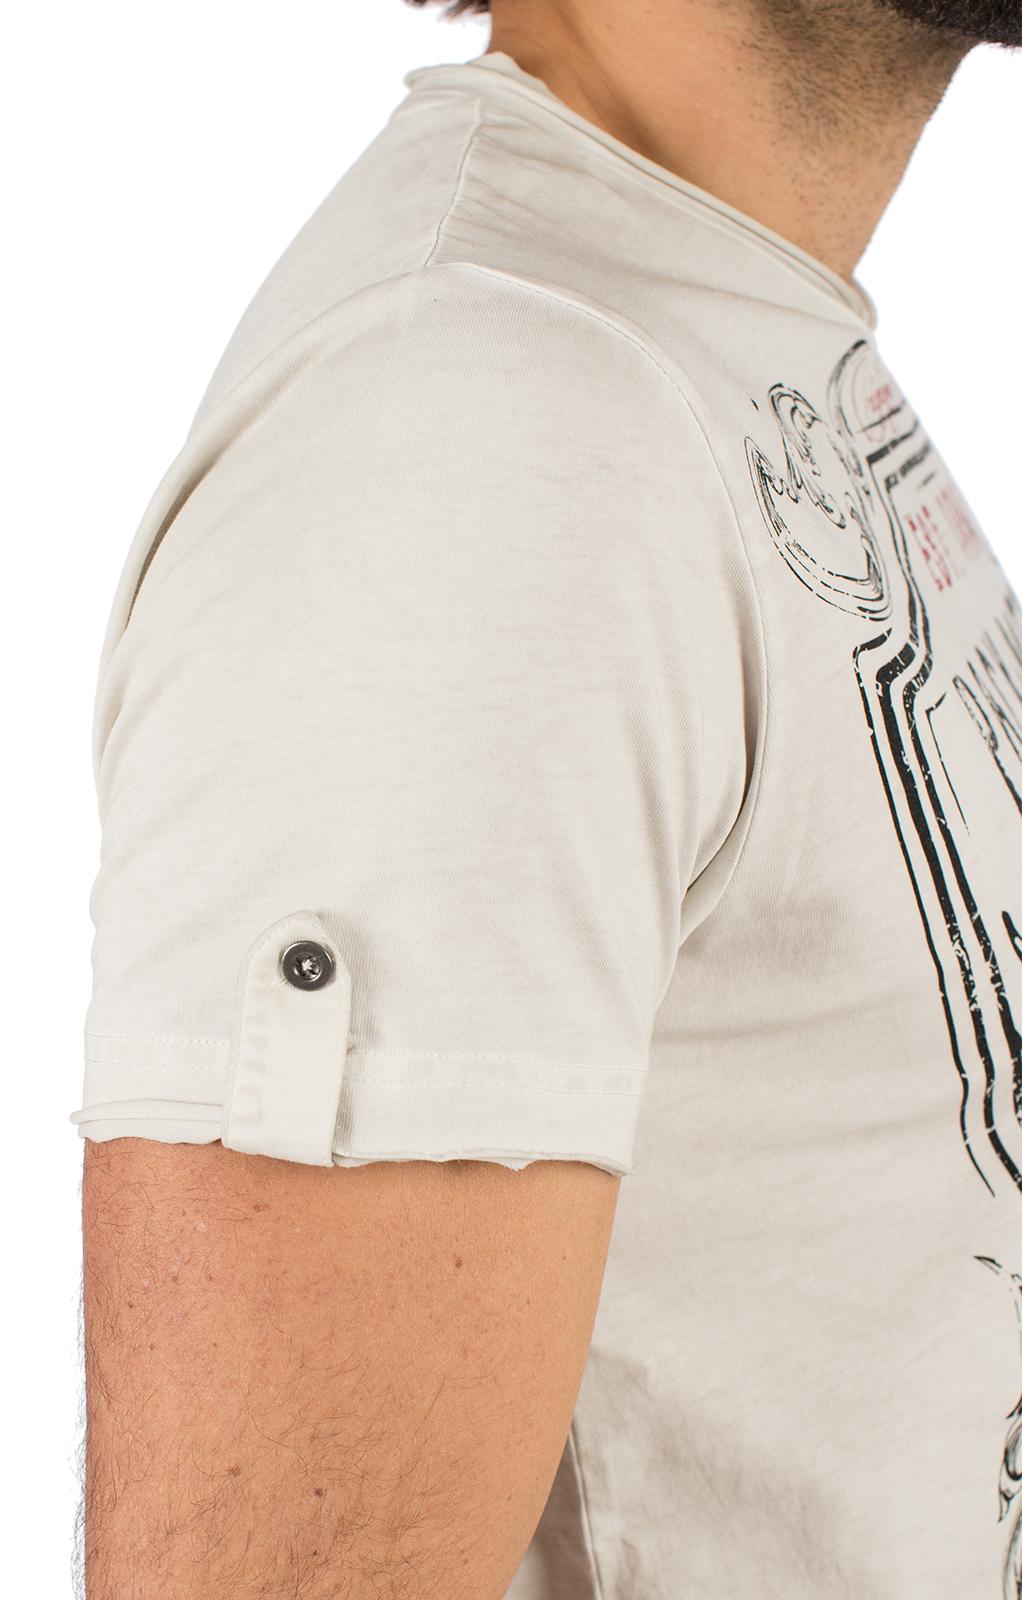 weitere Bilder von Trachten T-Shirt E55 - ERNST beige